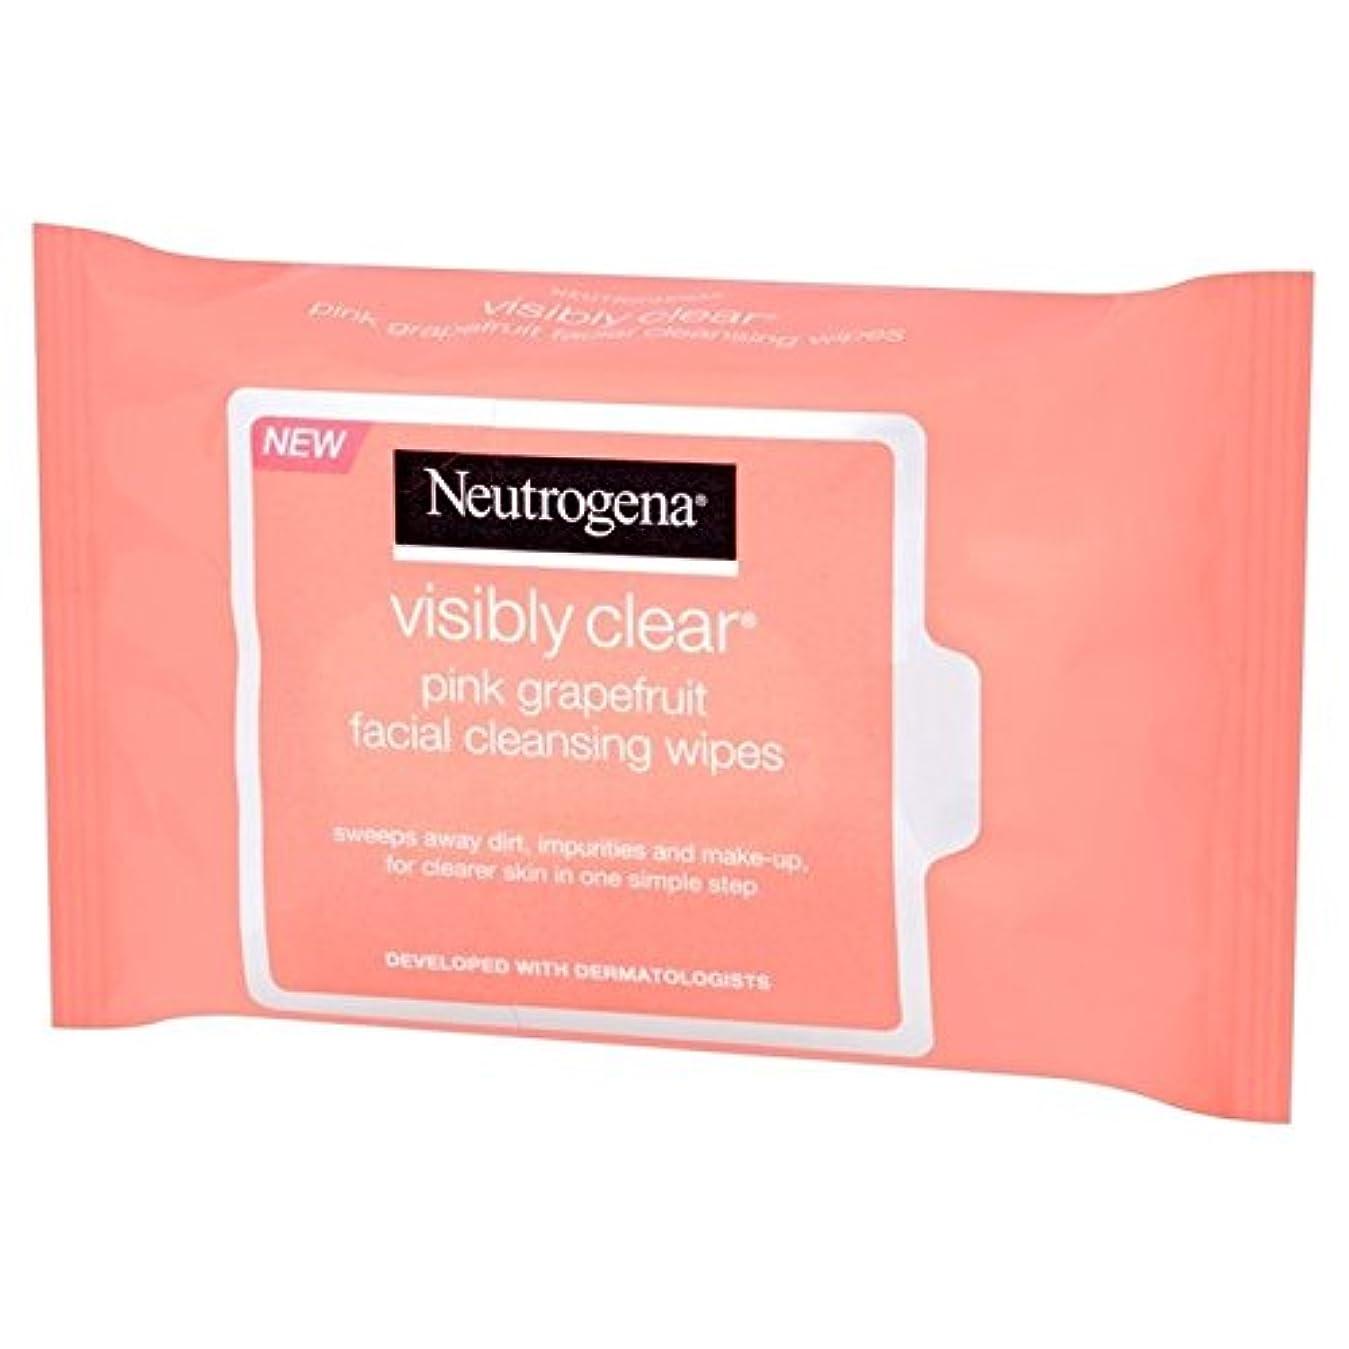 性能世紀ランドリーNeutrogena Visibly Clear Pink Grapefruit Wipes 25 per pack (Pack of 6) - ニュートロジーナ目に見えて明らかピンクグレープフルーツは、パックごとに25...